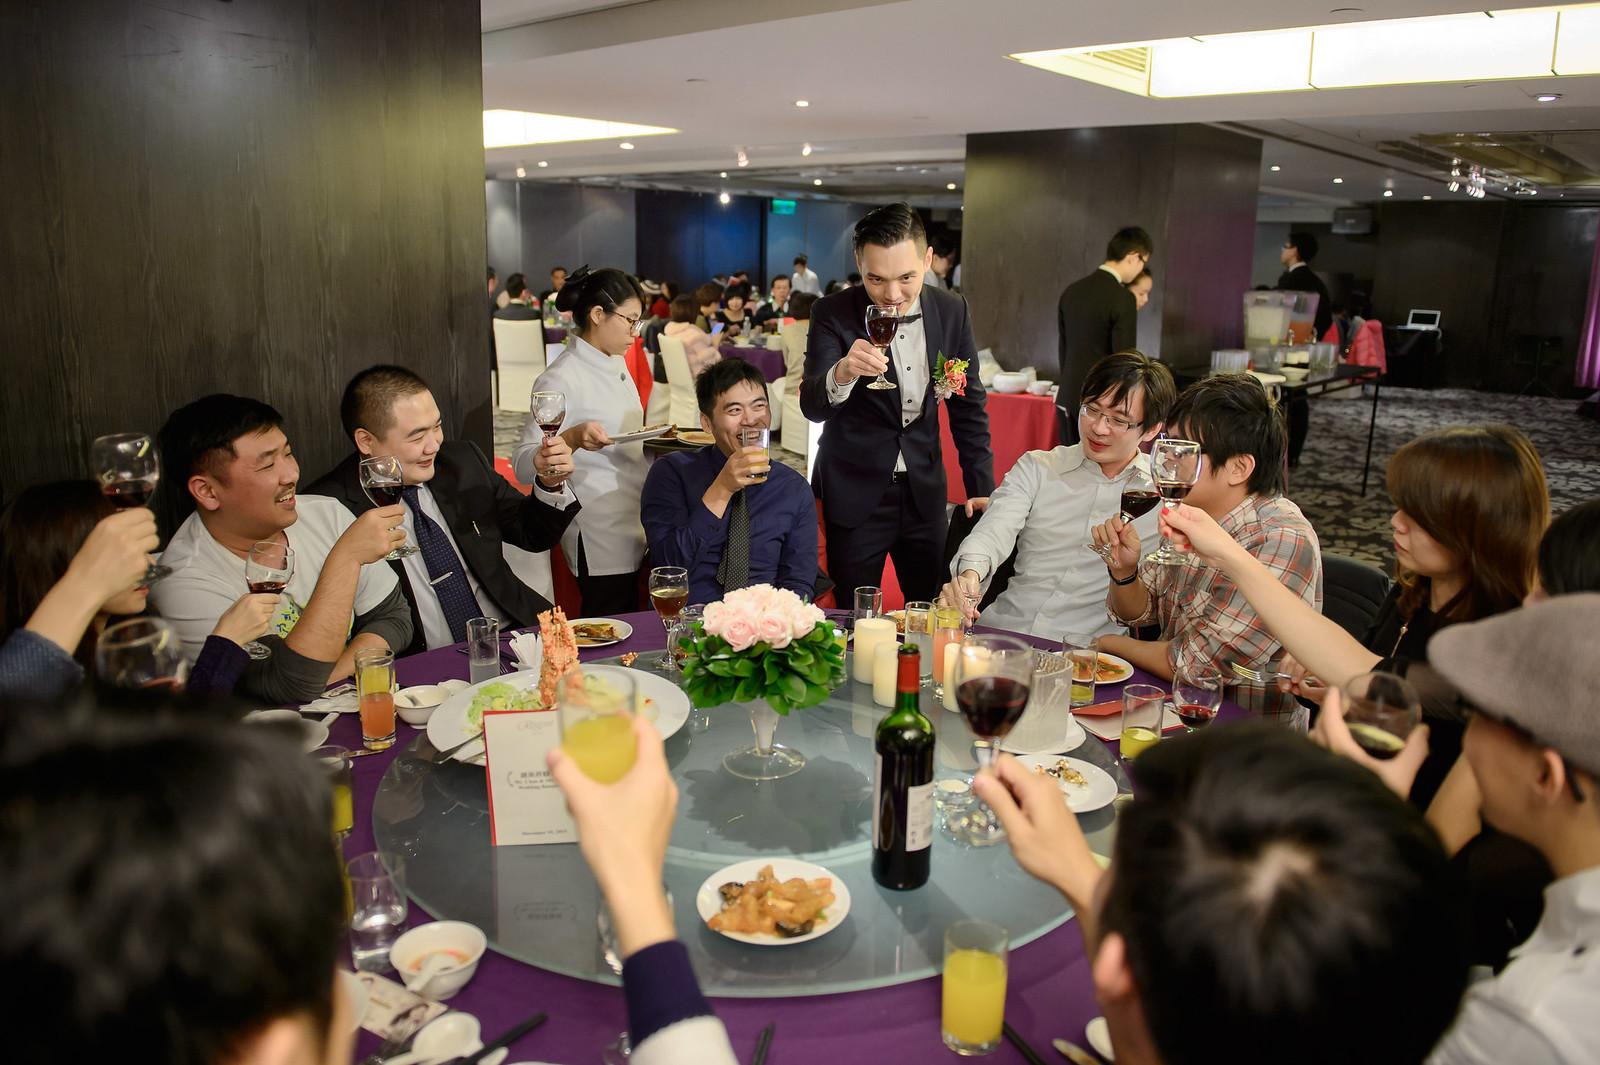 台北婚攝, 婚禮攝影, 婚攝, 婚攝守恆, 婚攝推薦, 晶華酒店, 晶華酒店婚宴, 晶華酒店婚攝-102